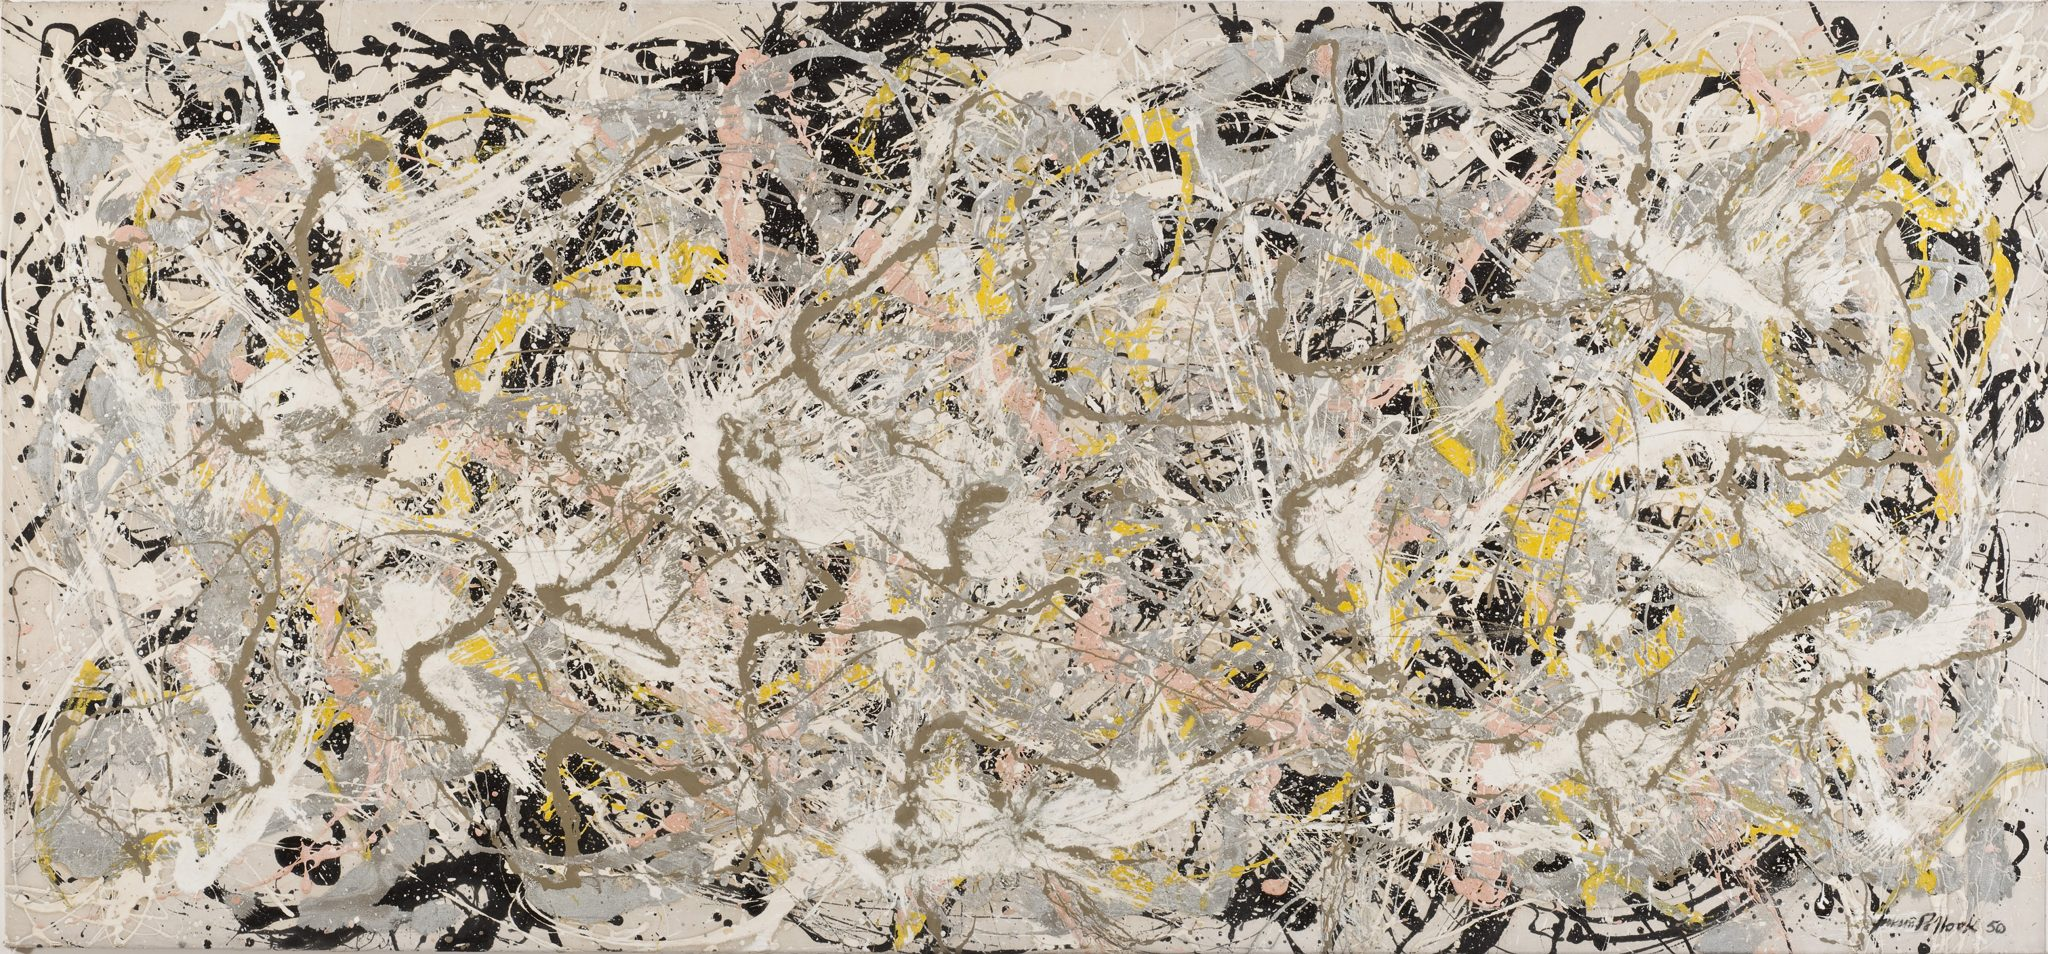 Sgocciolamenti d'autunno. Pollock, Rothko, De Kooning, gli Irascibili a Roma